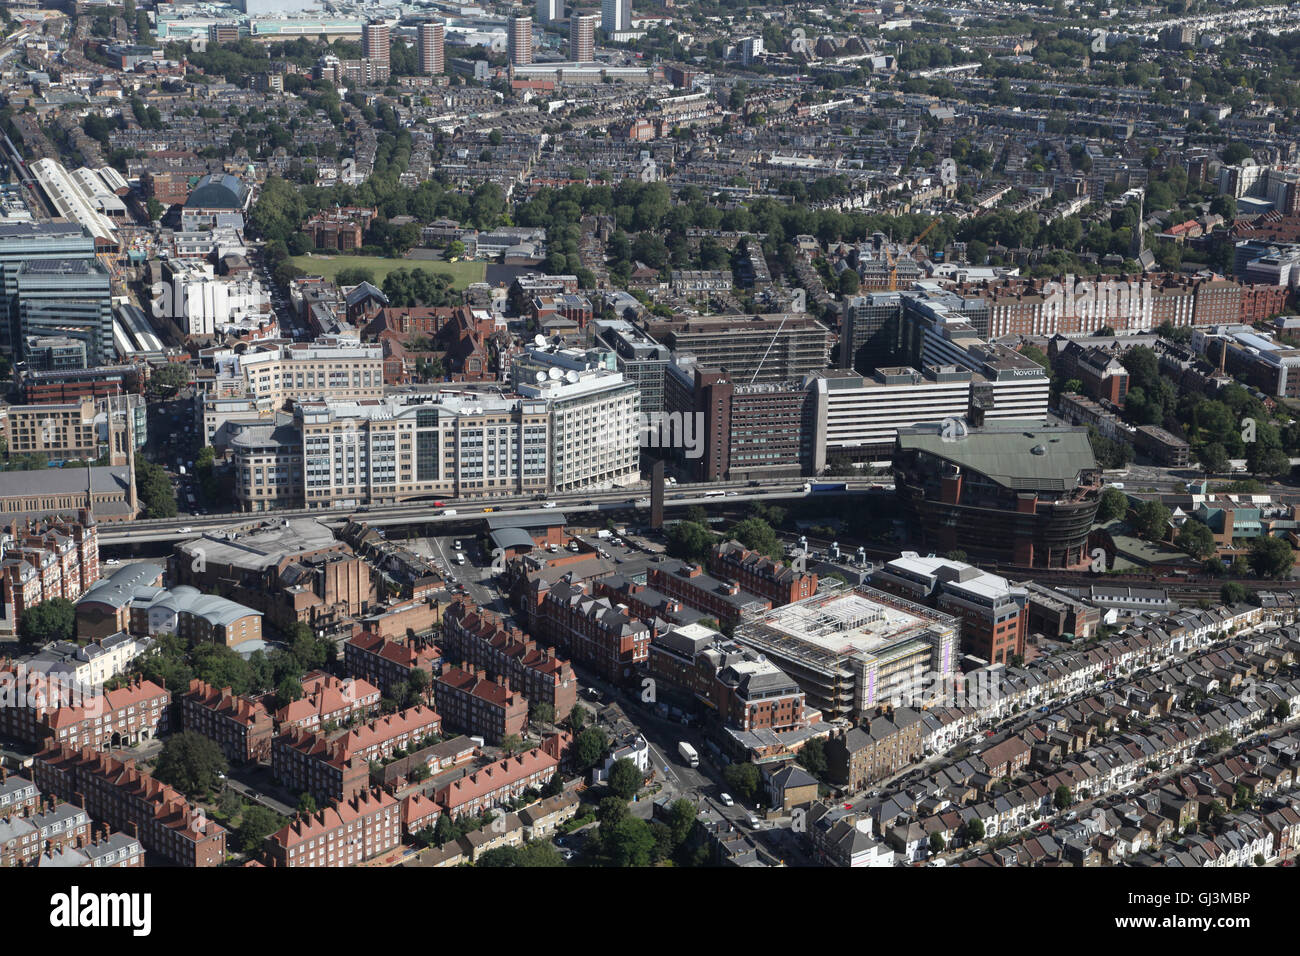 Novotel Hotel Hammersmith London Uk